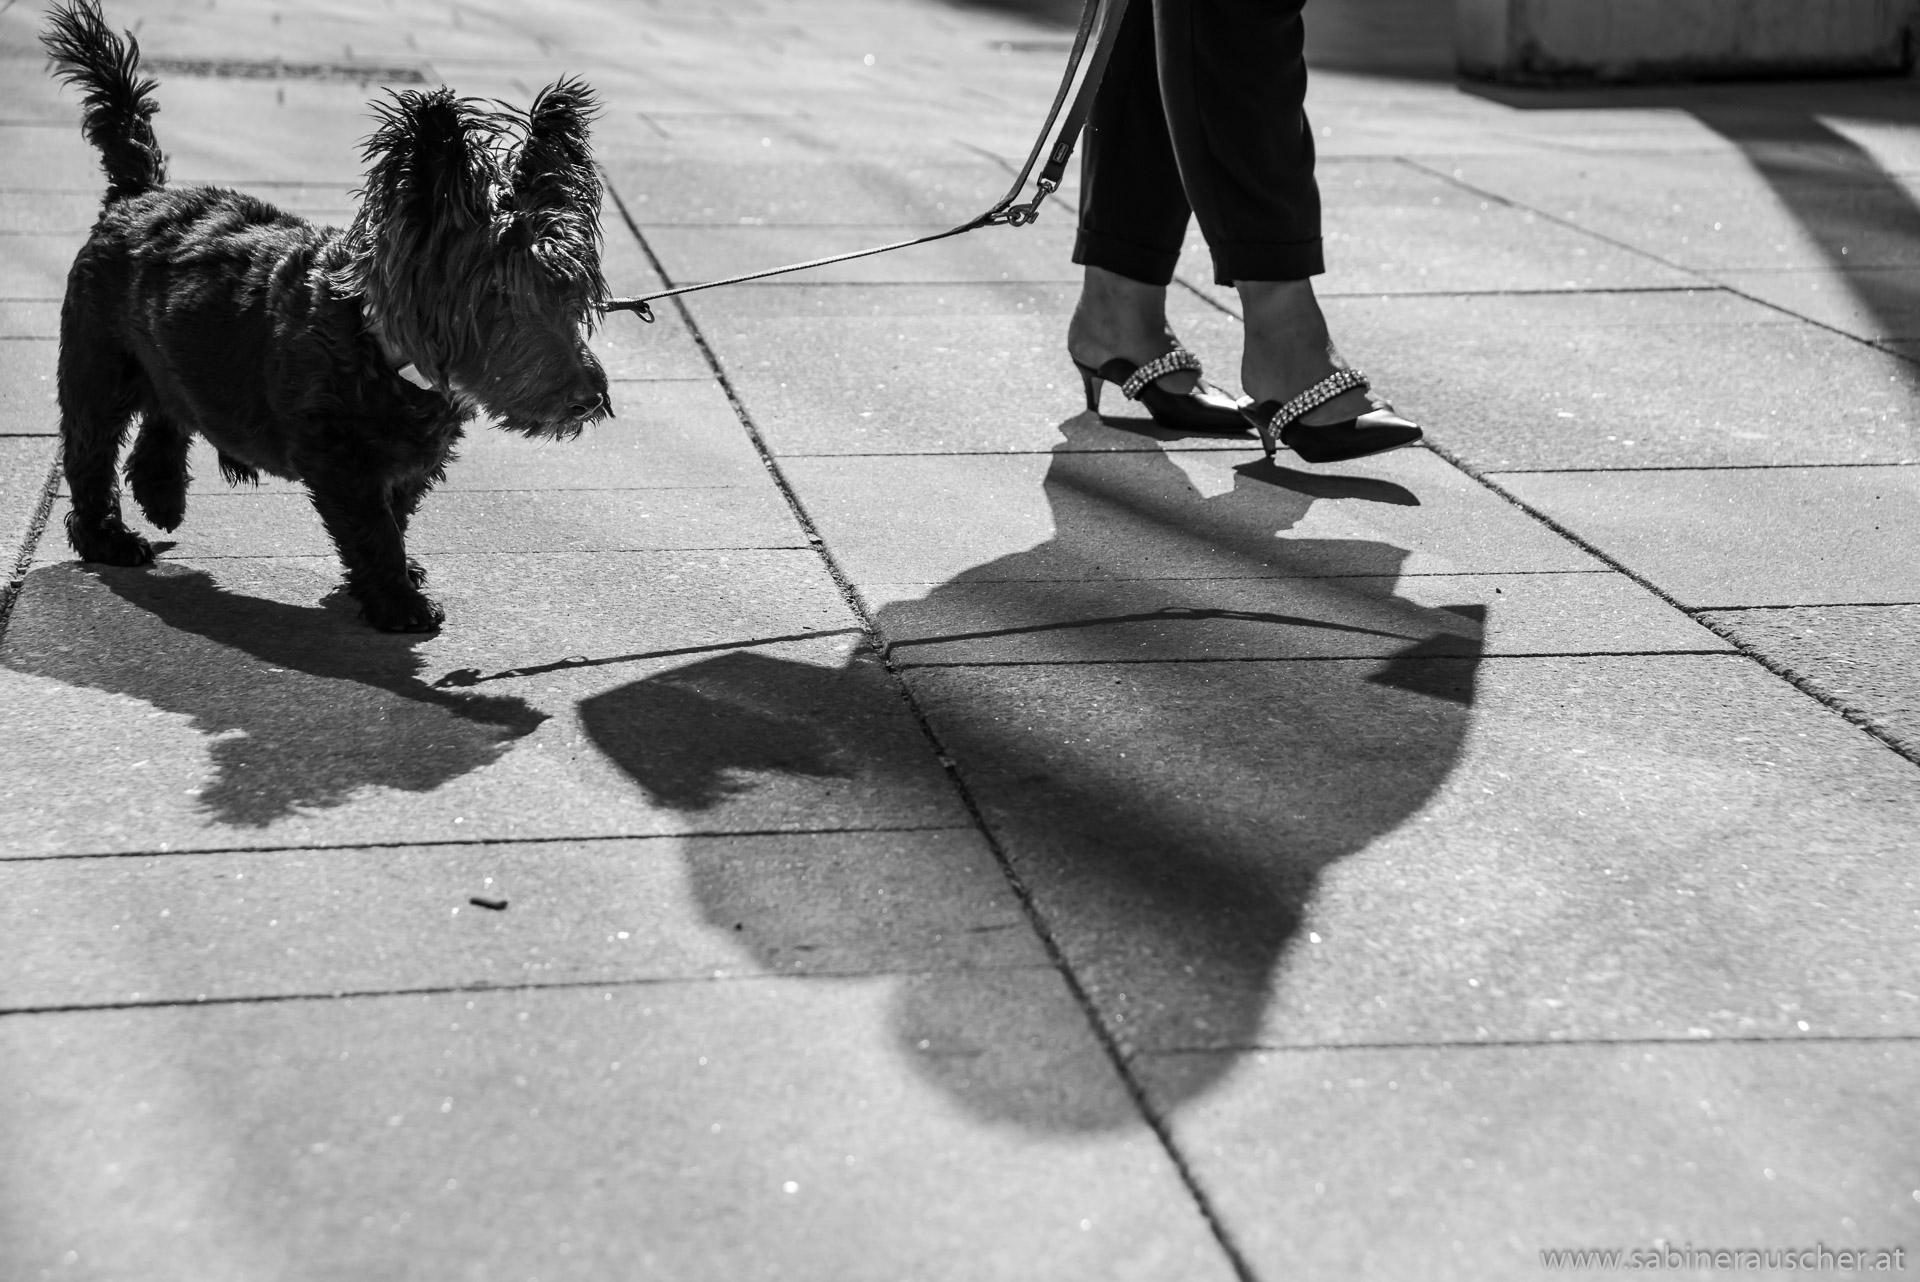 Walk the dog in Vienna | Spaziergang mit dem Hund in der Wiener Innenstadt